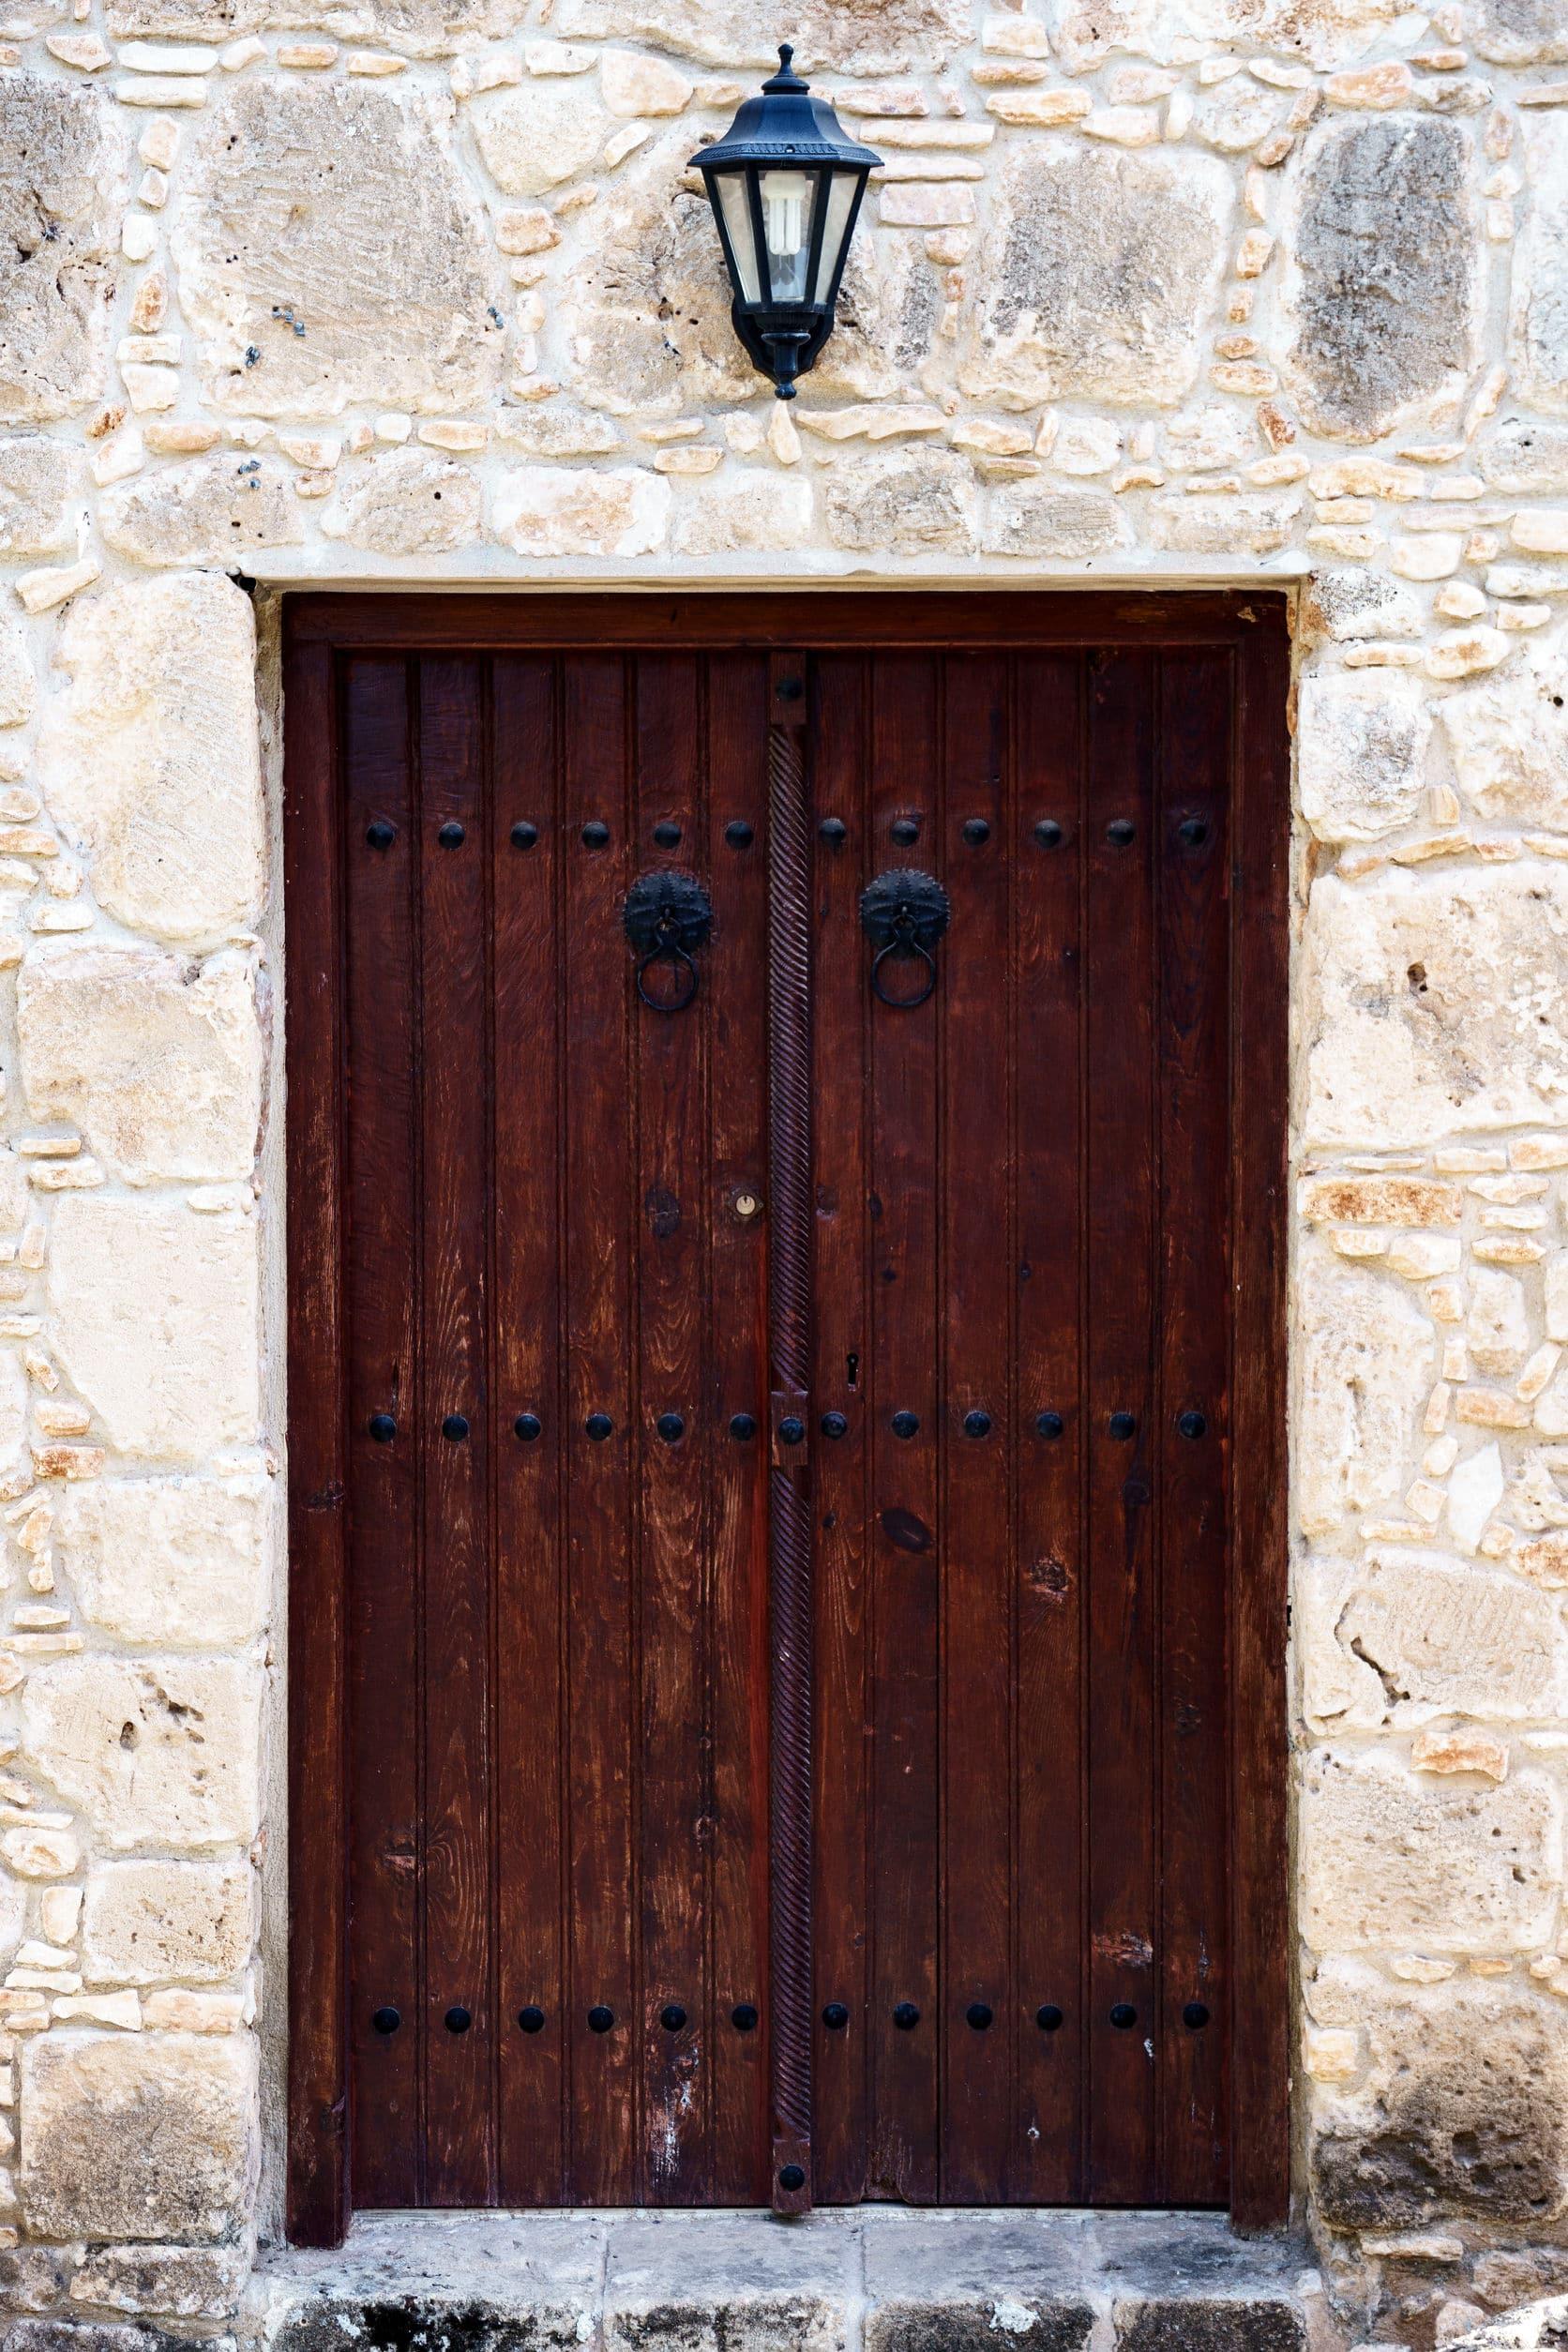 Porta de madeira antiga, Duas portas. Visão de frente.